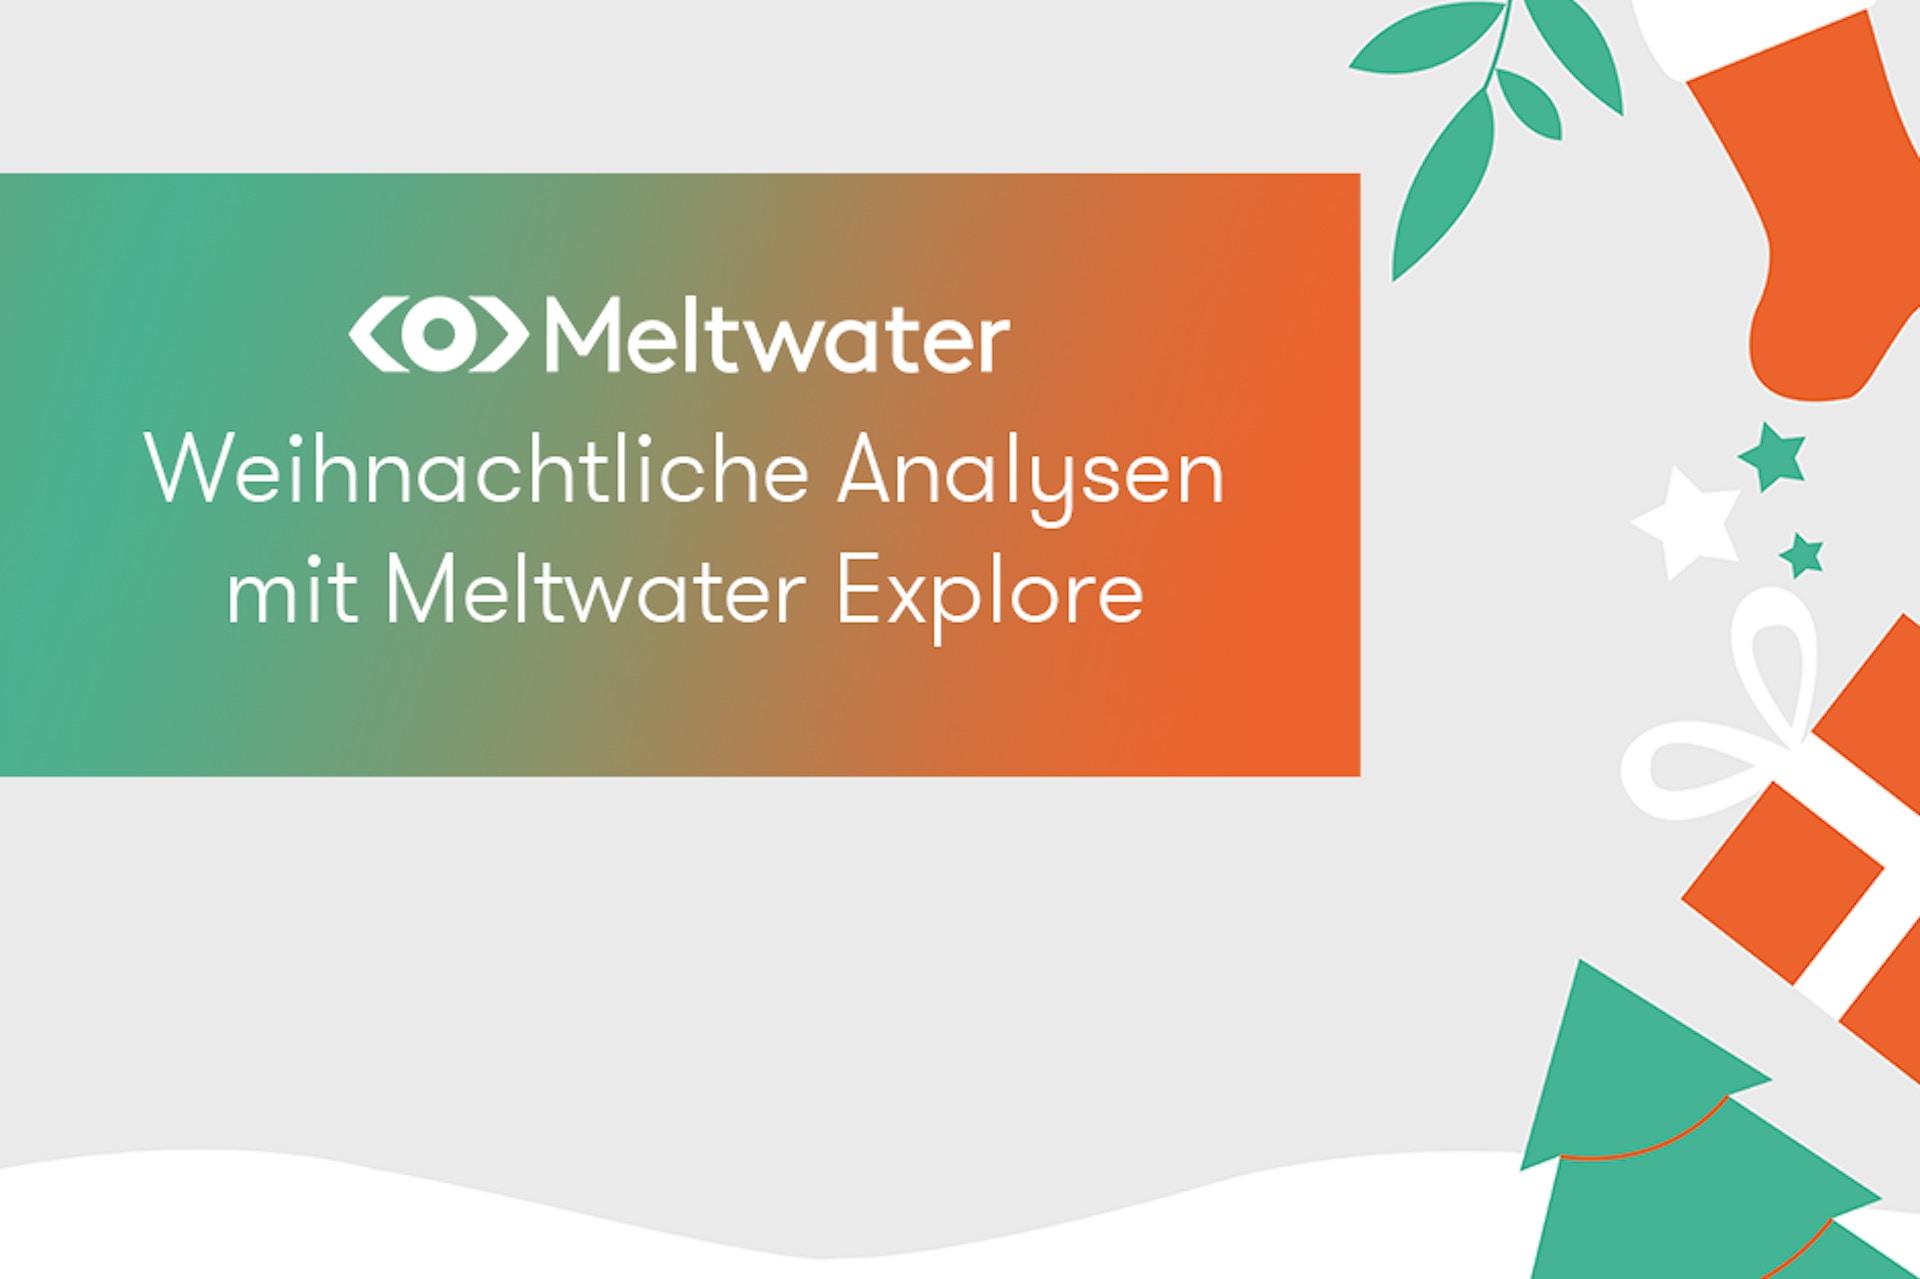 """Weihnachtlicher Hintergrund mit der Aufschrift """"Weihnachtliche Analysen mit Meltwater Explore"""" als Header für einen Beitrag mit Social Listening Analysen zu Weihnachten"""